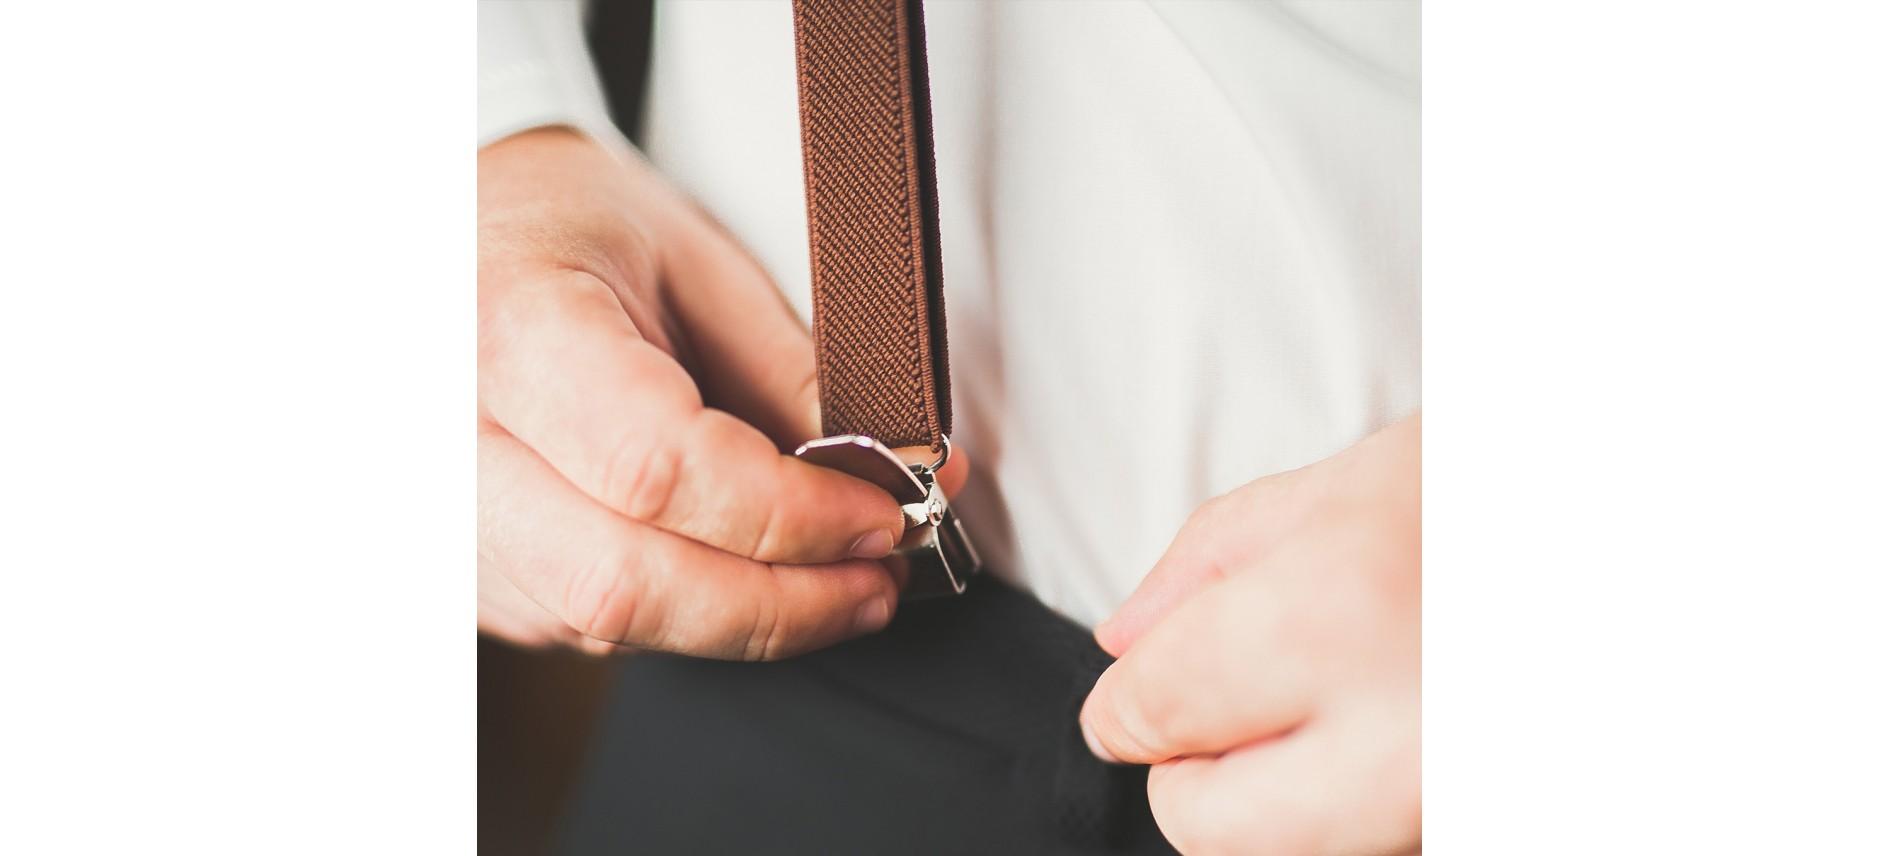 Comprar Tirantes hombre, mujer y niño | Cord-On Shop